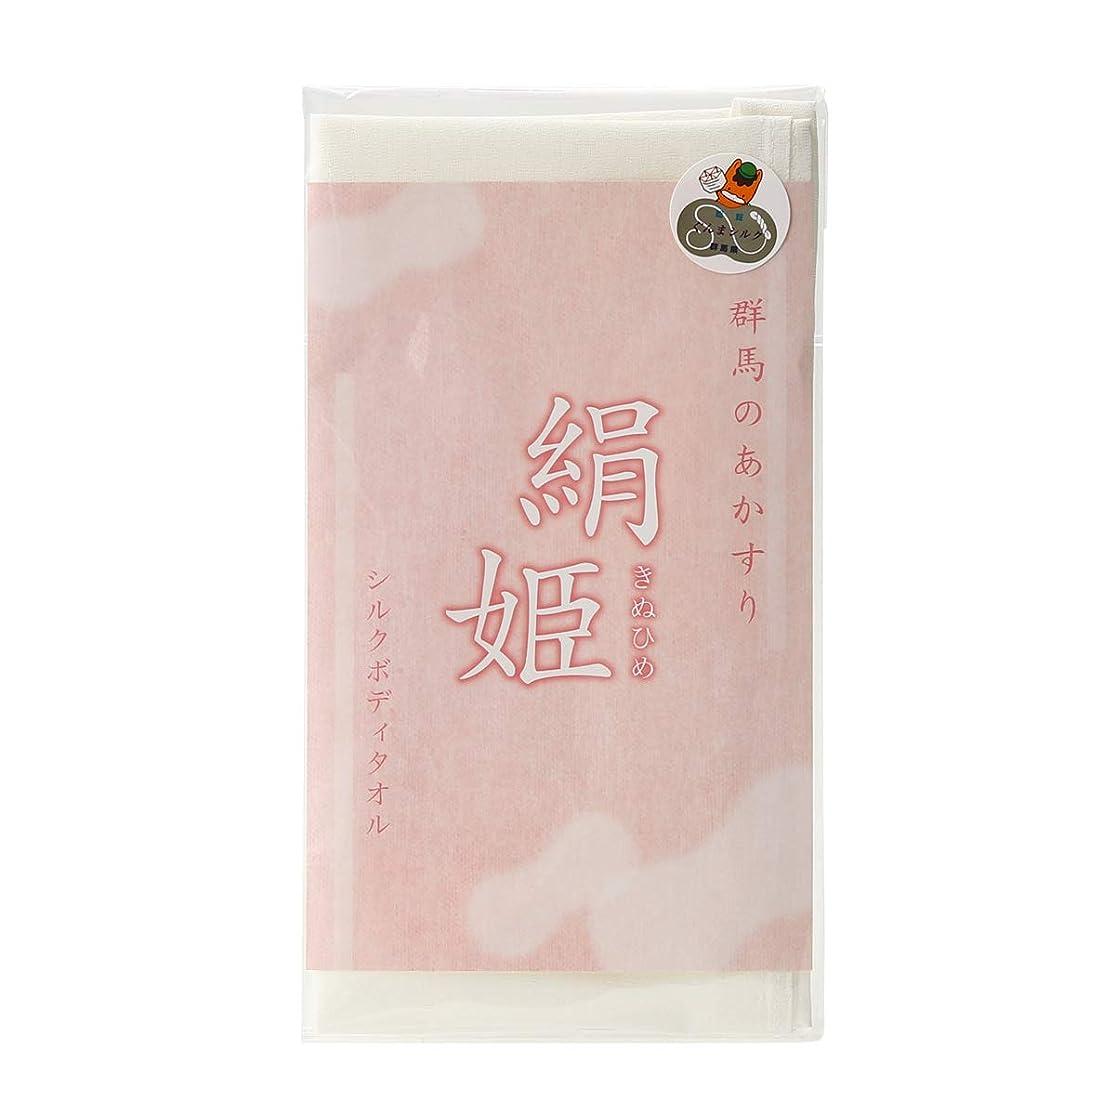 侵入する発信筋肉の[ハッピーシルク ] 絹姫 (きぬひめ) ボディータオル シルクあかすり 00245